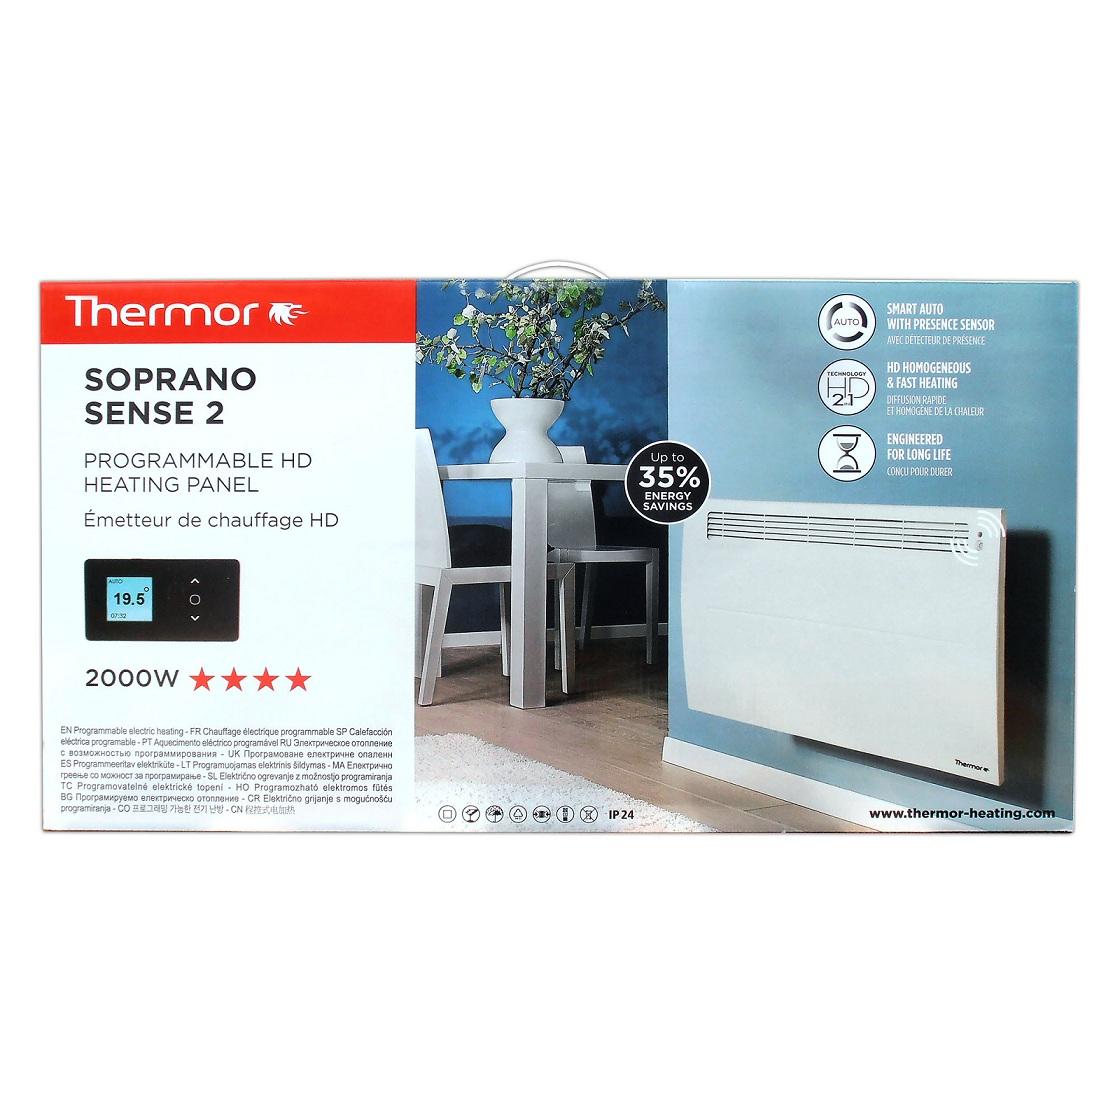 Elektromos fűtőpanel üzemeltetés: hogyan célszerű beállítani a készülék termosztátját?